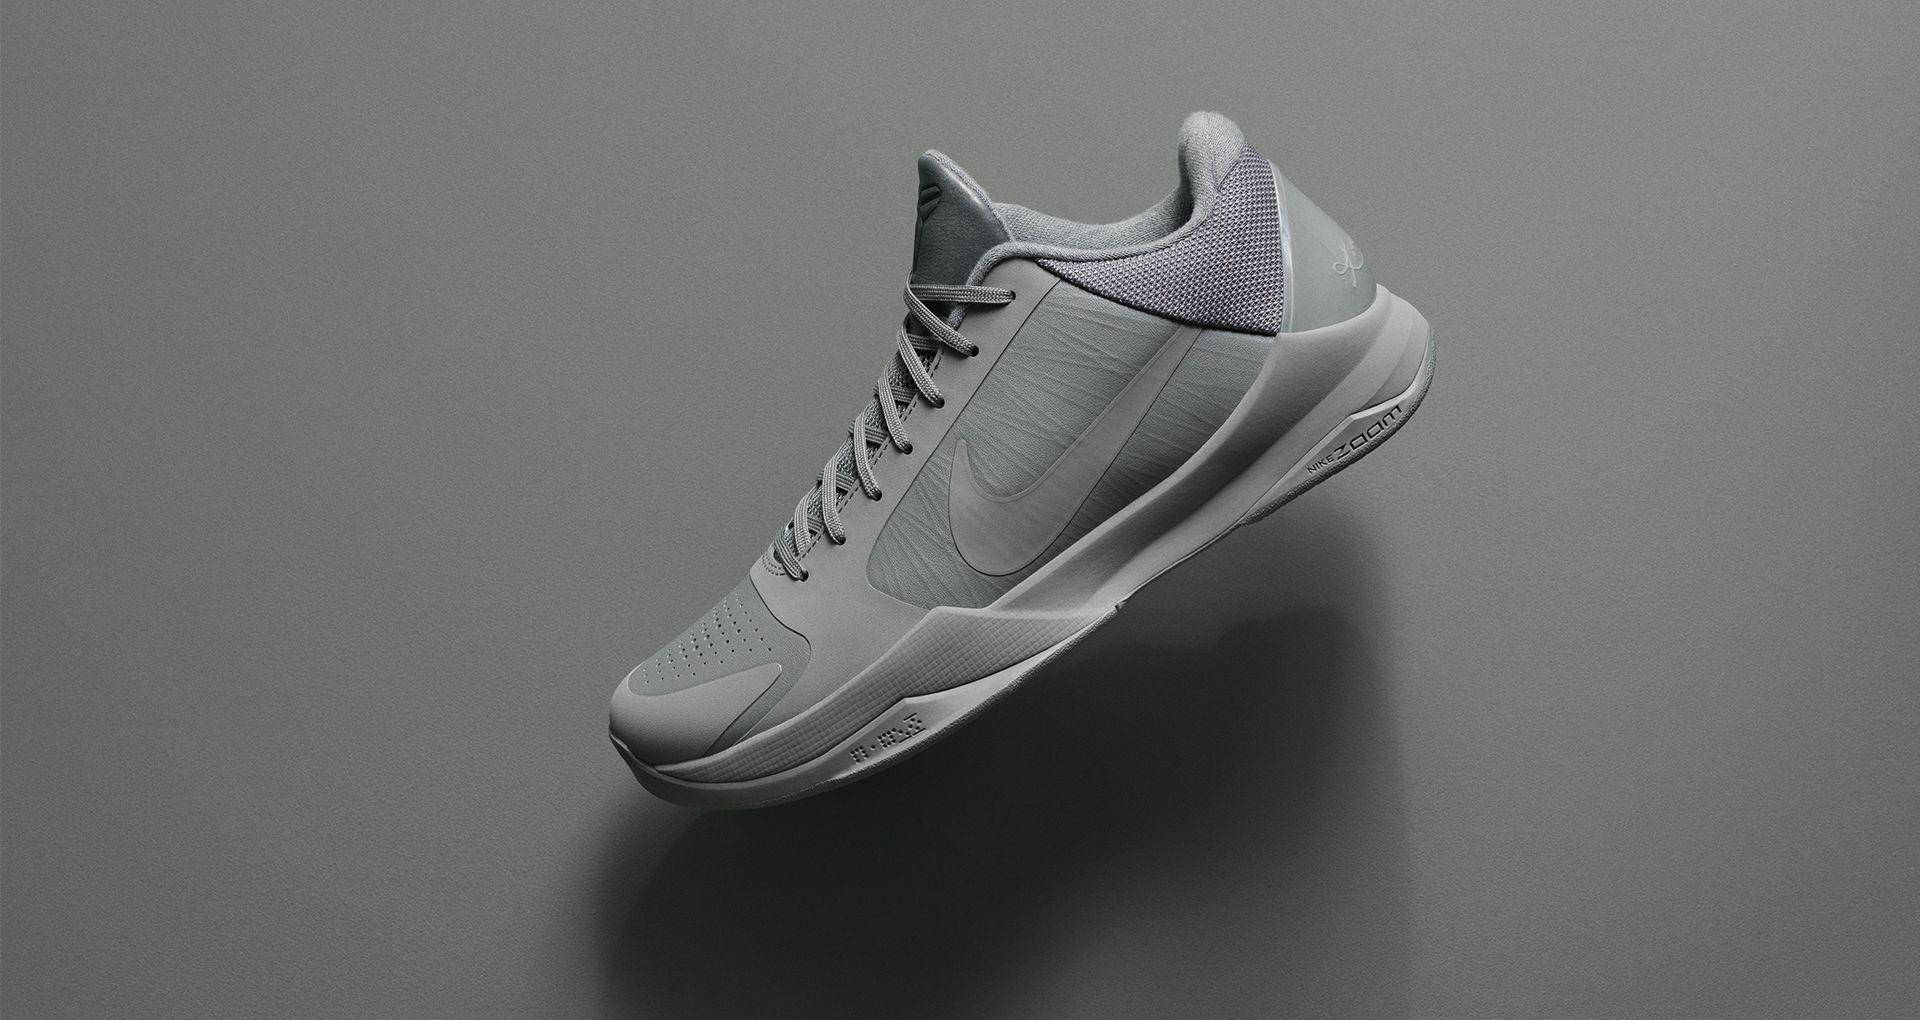 new arrival 54324 ba955 Nike Kobe 5 'Black Mamba' Release Date. Nike+ SNKRS